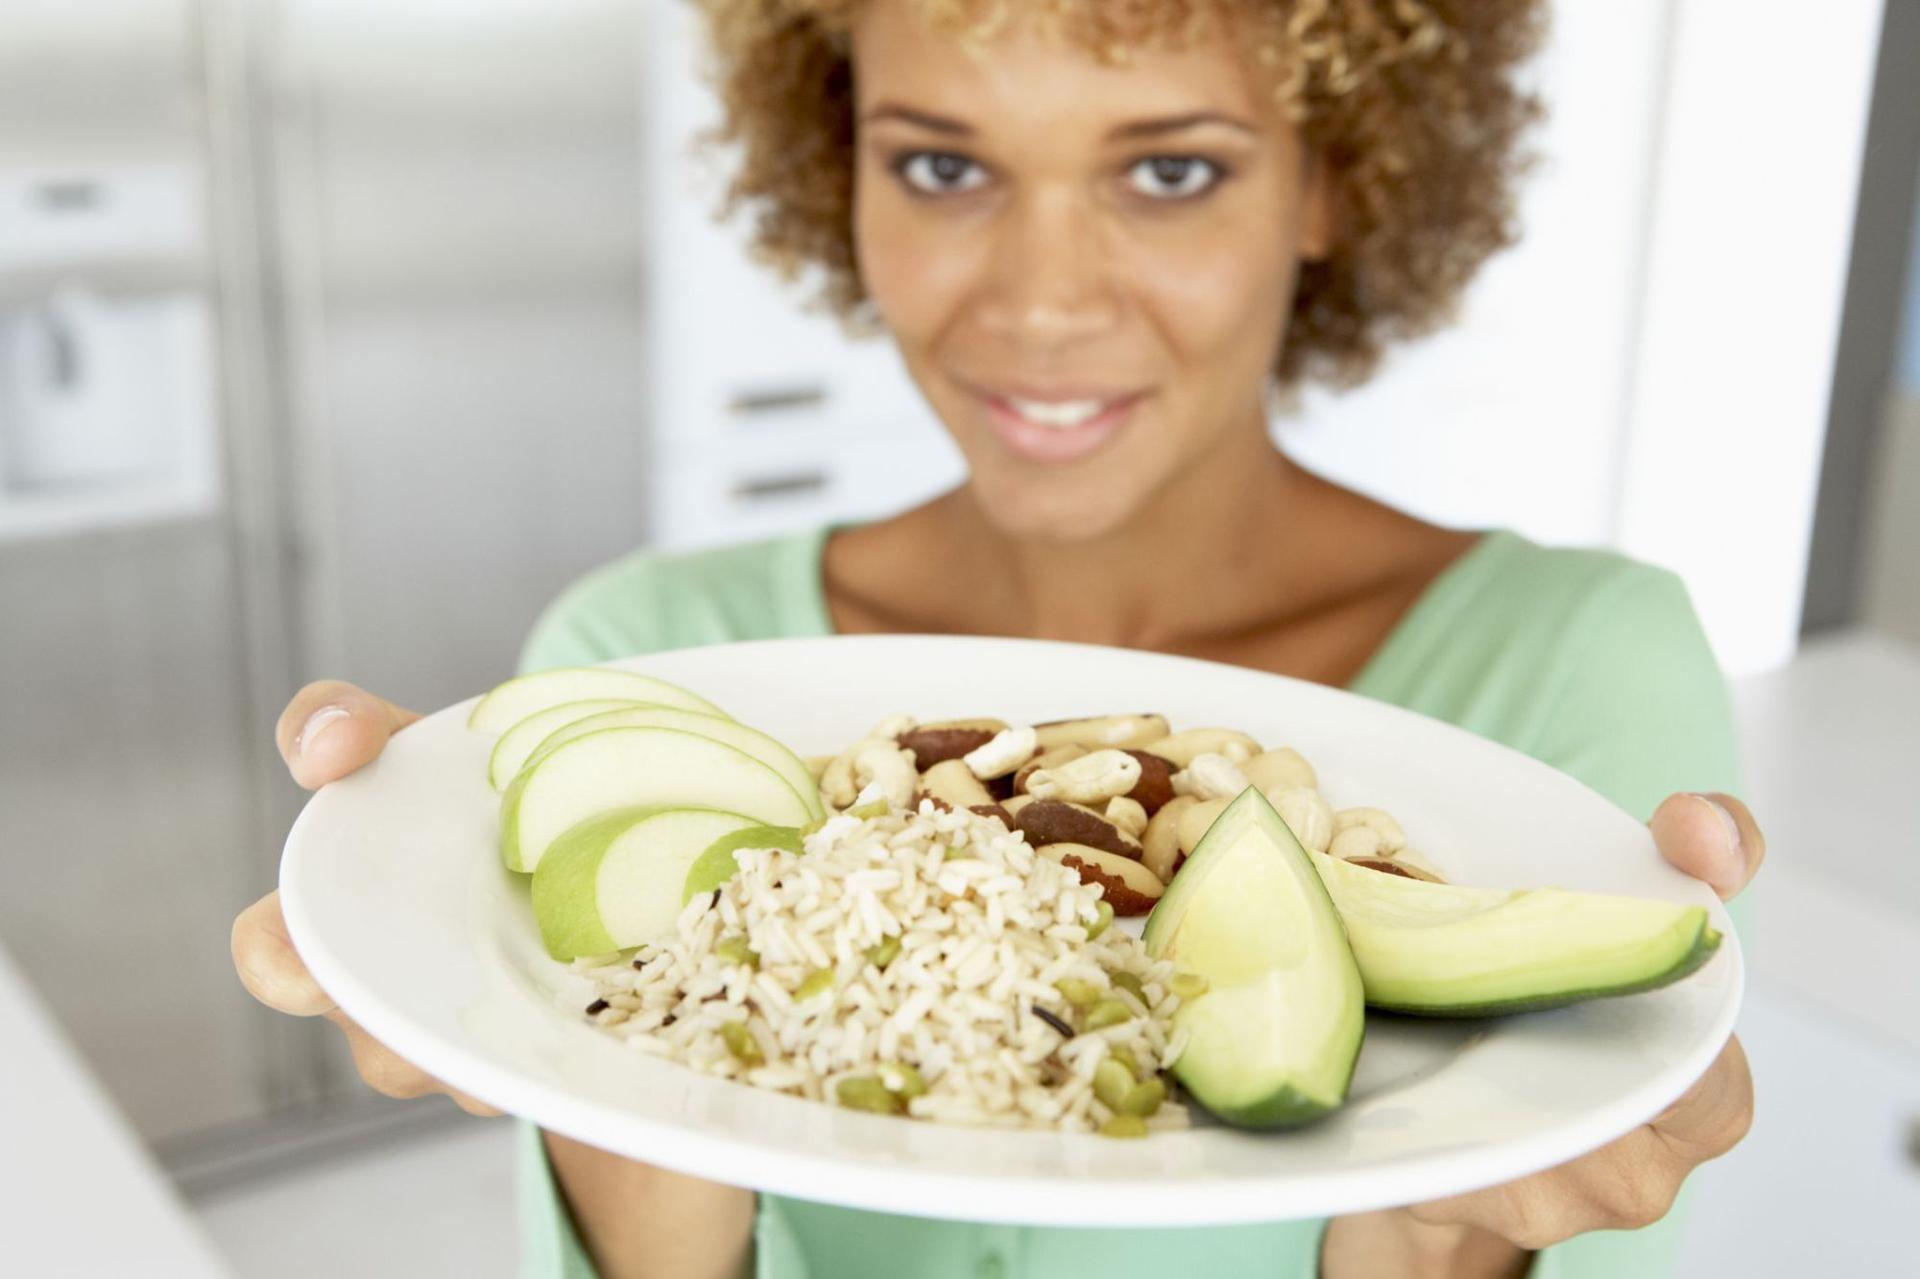 Co jeść przed i po treningu? Co jeść, by trening był bardziej efektywny?